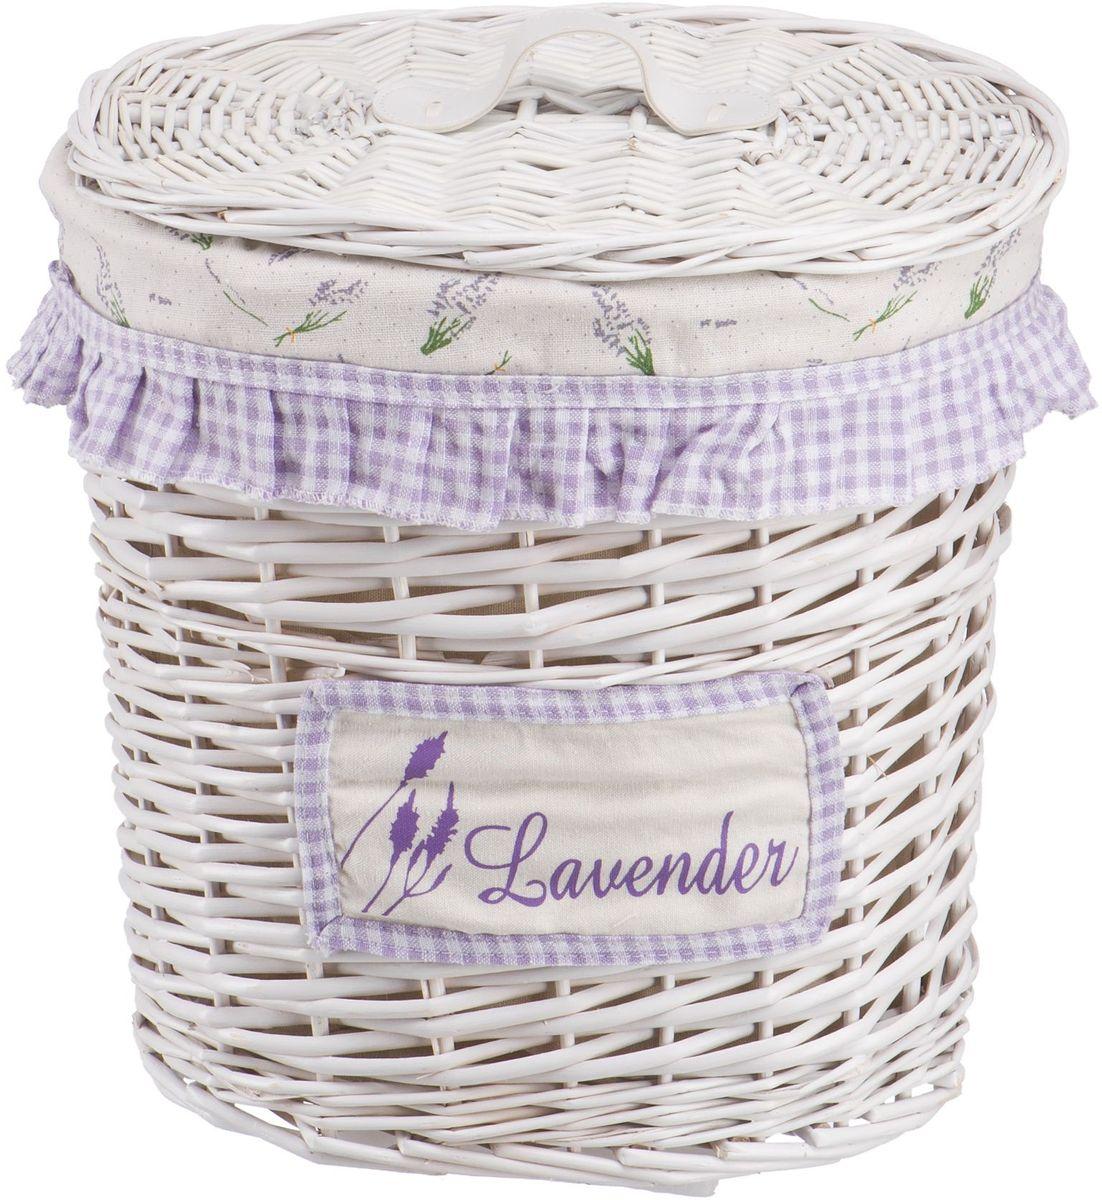 Корзина для белья Natural House Лаванда, высокая, цвет: белый, 32 х 21 х 36 см корзина для белья natural house лаванда высокая цвет белый 48 х 36 х 55 см